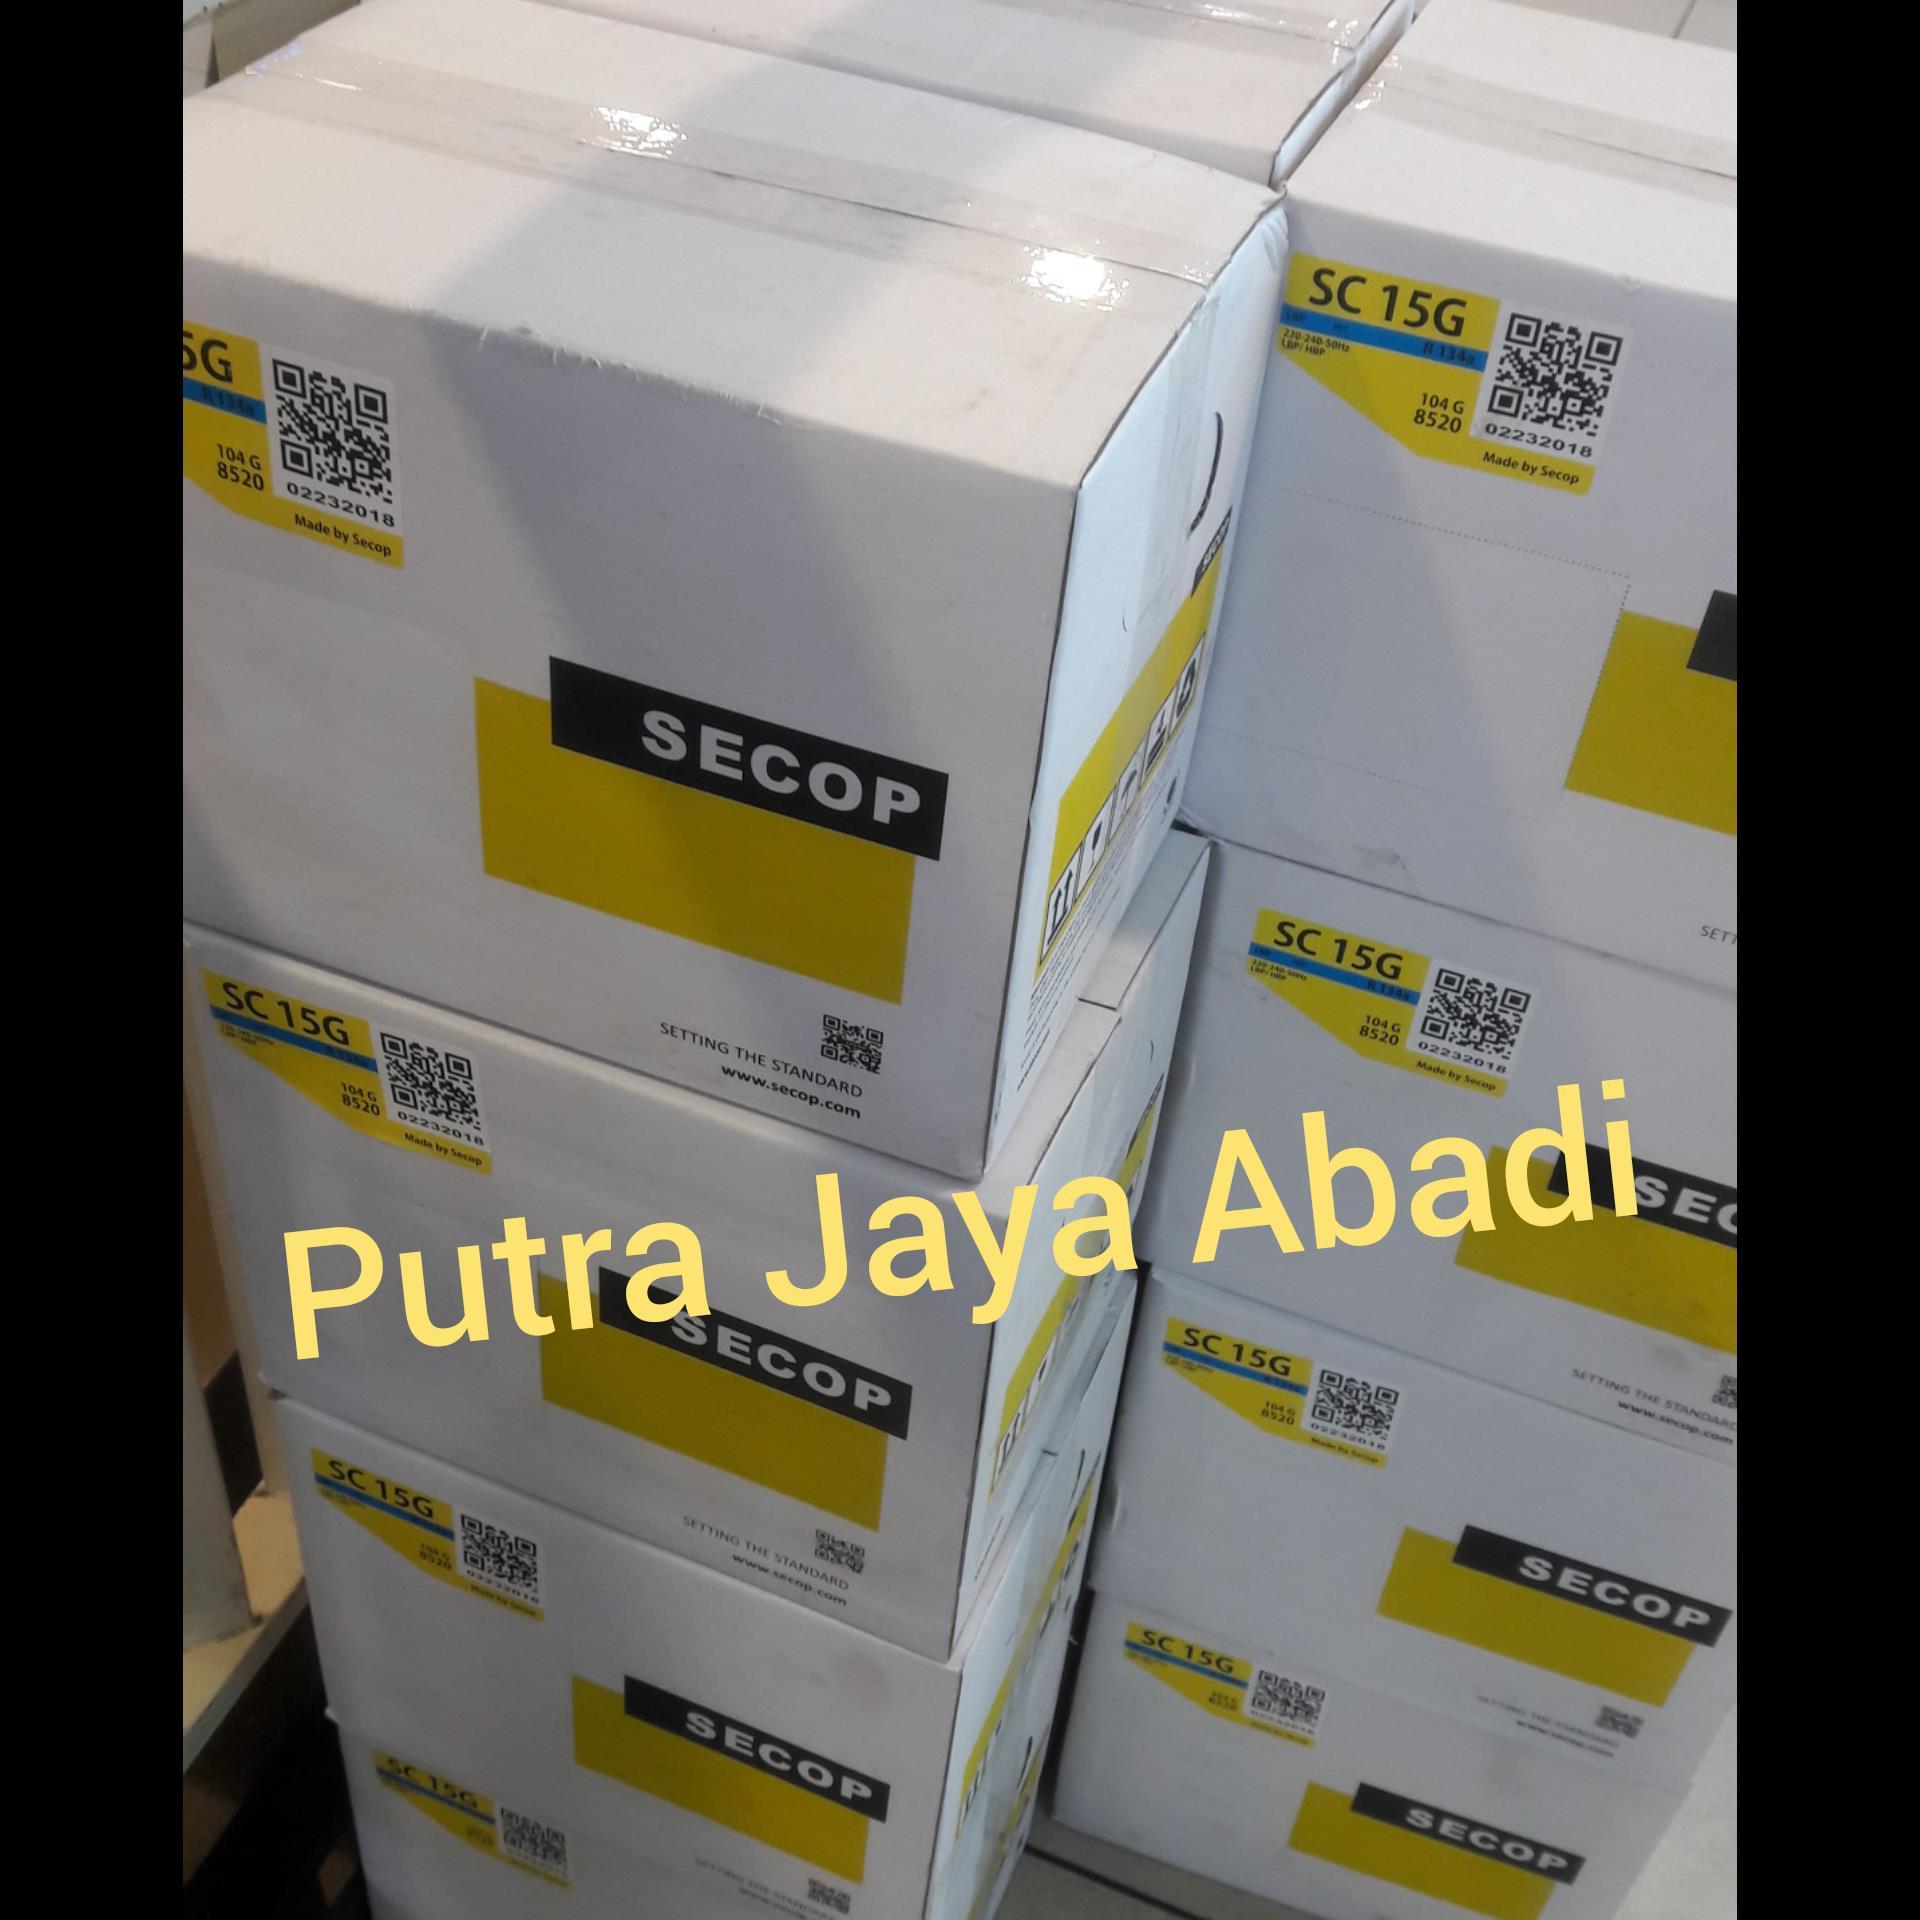 Jual Kompresor Secop 15g Harga Murah Jakarta Oleh Pt Putra